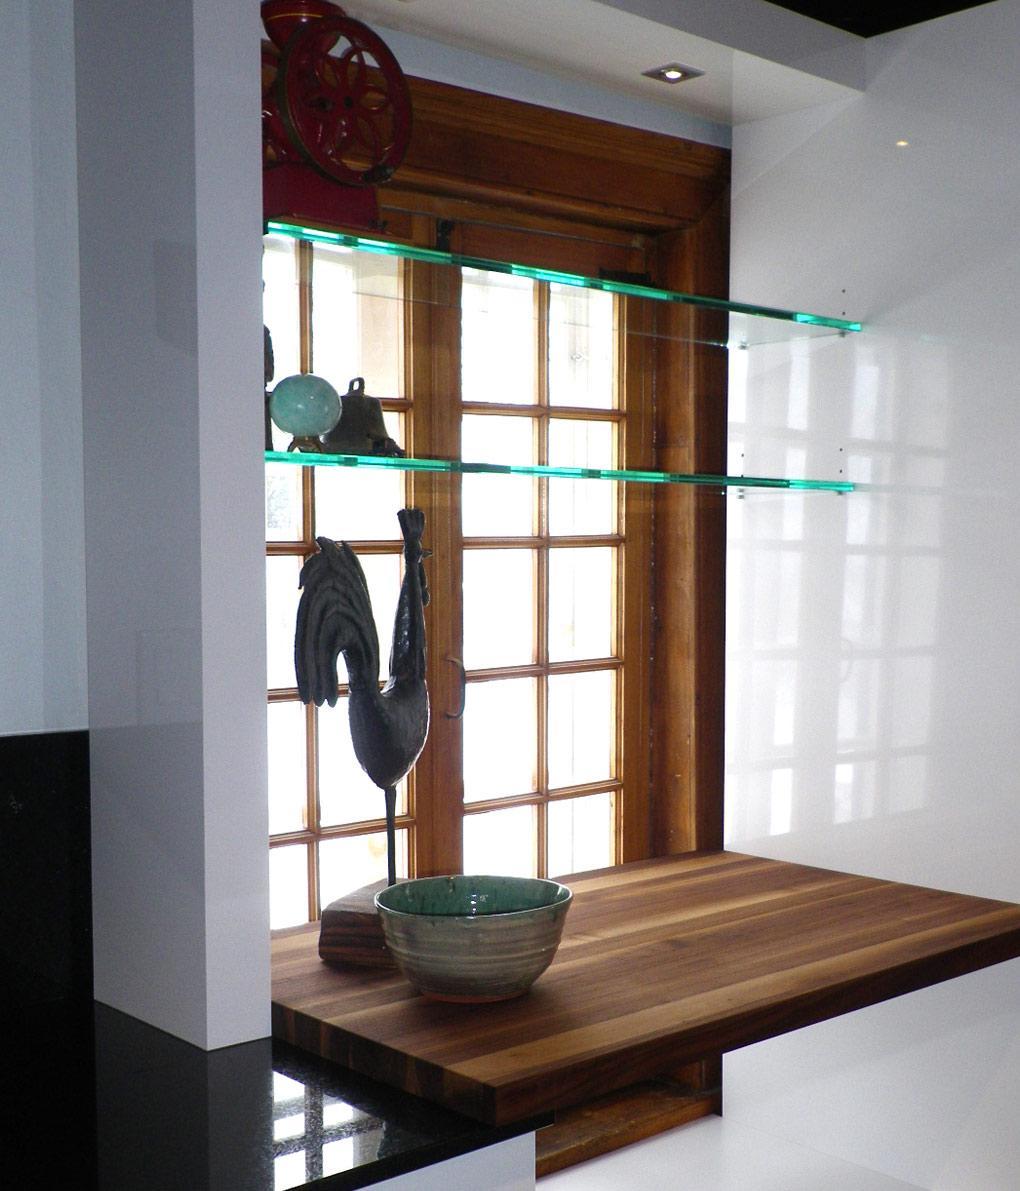 rénovation, décoration ou aménagement de votre cuisine